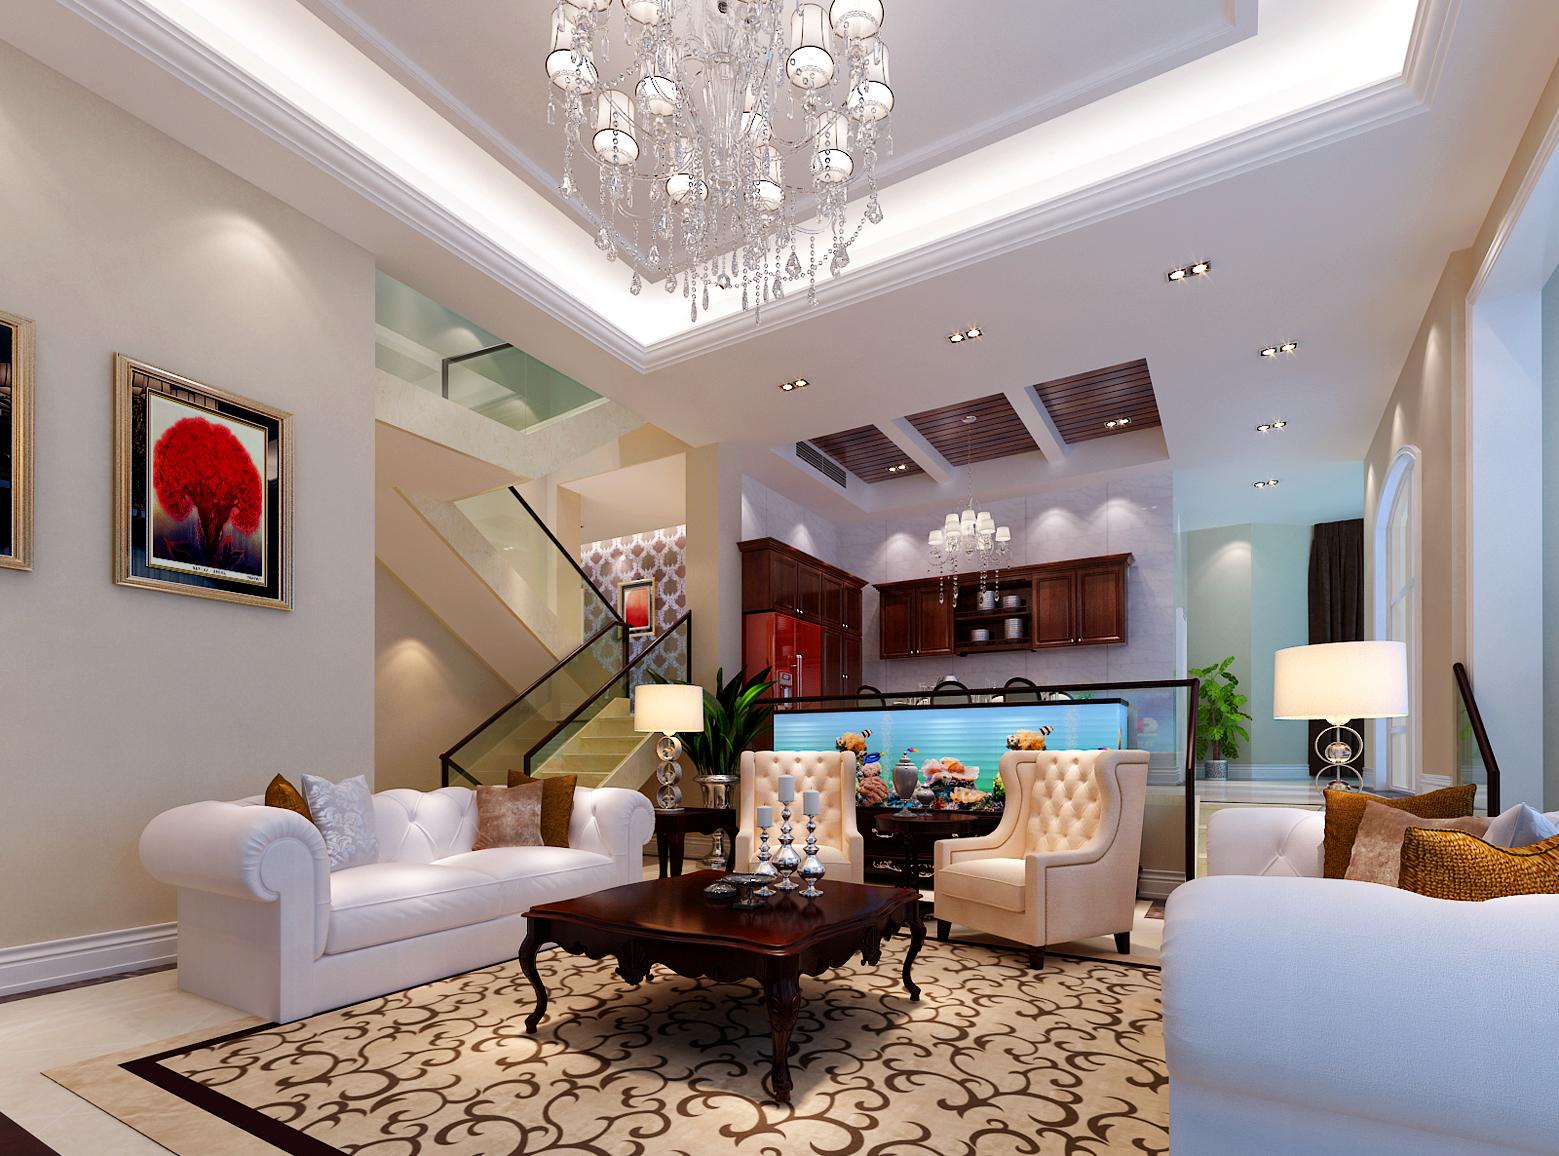 简约 欧式 混搭 别墅 白领 收纳 80后 小资 客厅图片来自实创装饰百灵在大宁山庄独栋600平米混搭别墅的分享